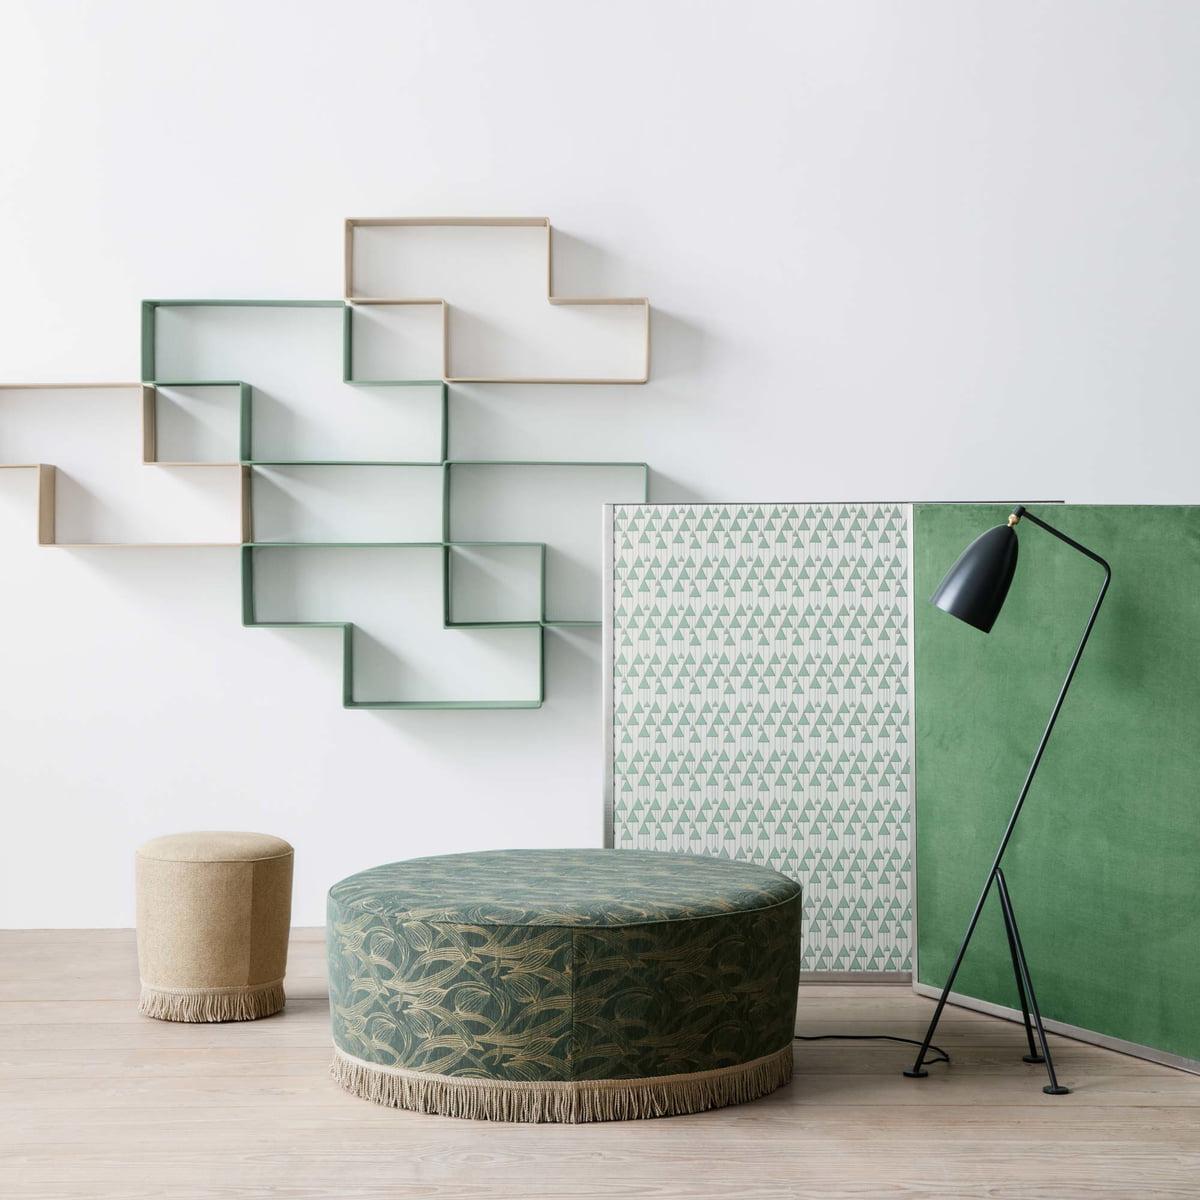 gubi gr shoppa stehleuchte gm1 im shop. Black Bedroom Furniture Sets. Home Design Ideas